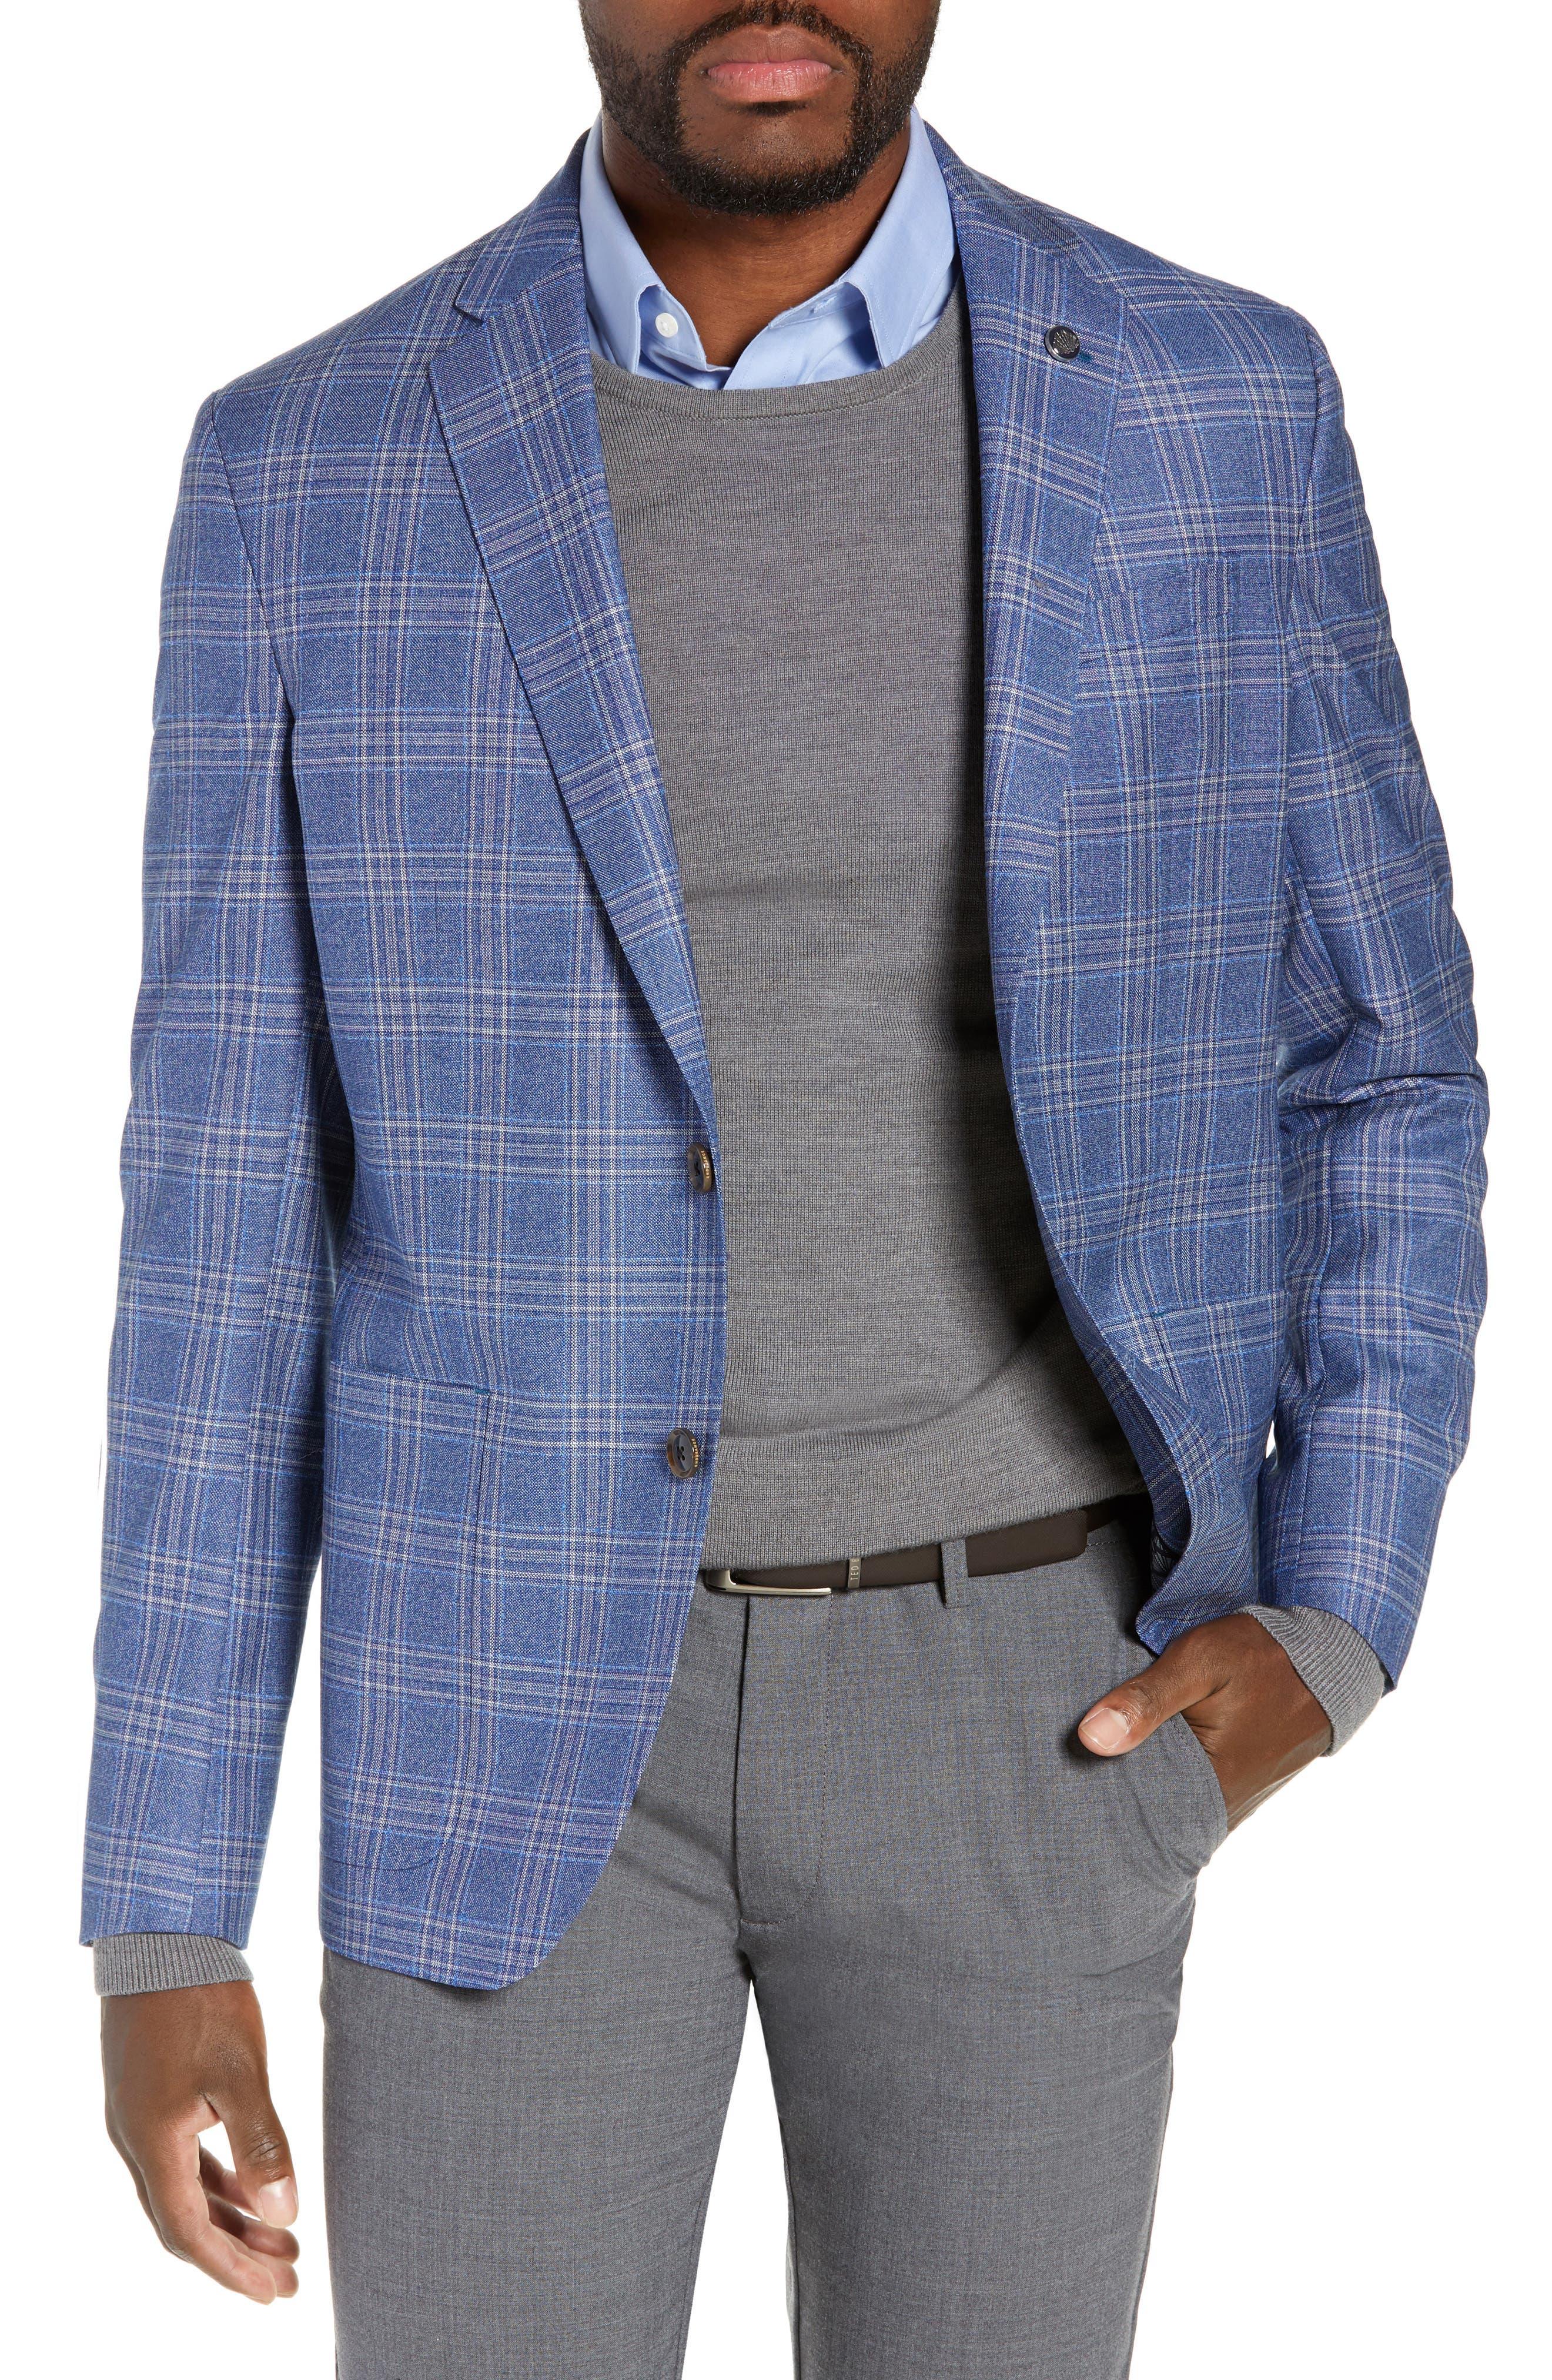 Kyle Trim Fit Plaid Wool Sport Coat,                             Main thumbnail 1, color,                             LIGHT BLUE